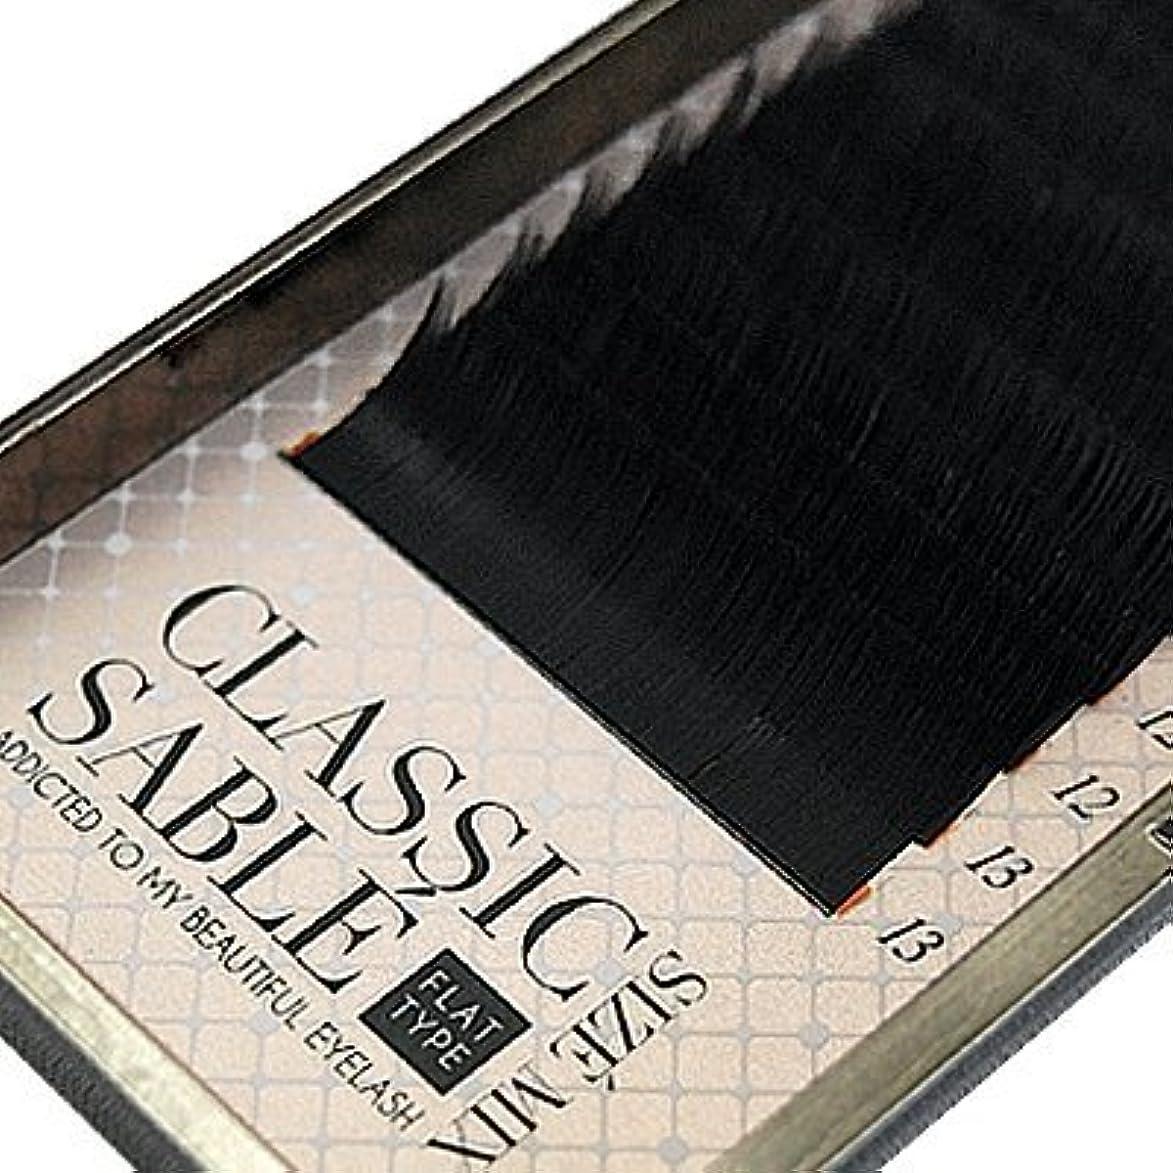 言及するメカニックコンパニオン【amass Bona】クラシックセーブル フラットタイプ Dカール サイズMIX×0.10mm